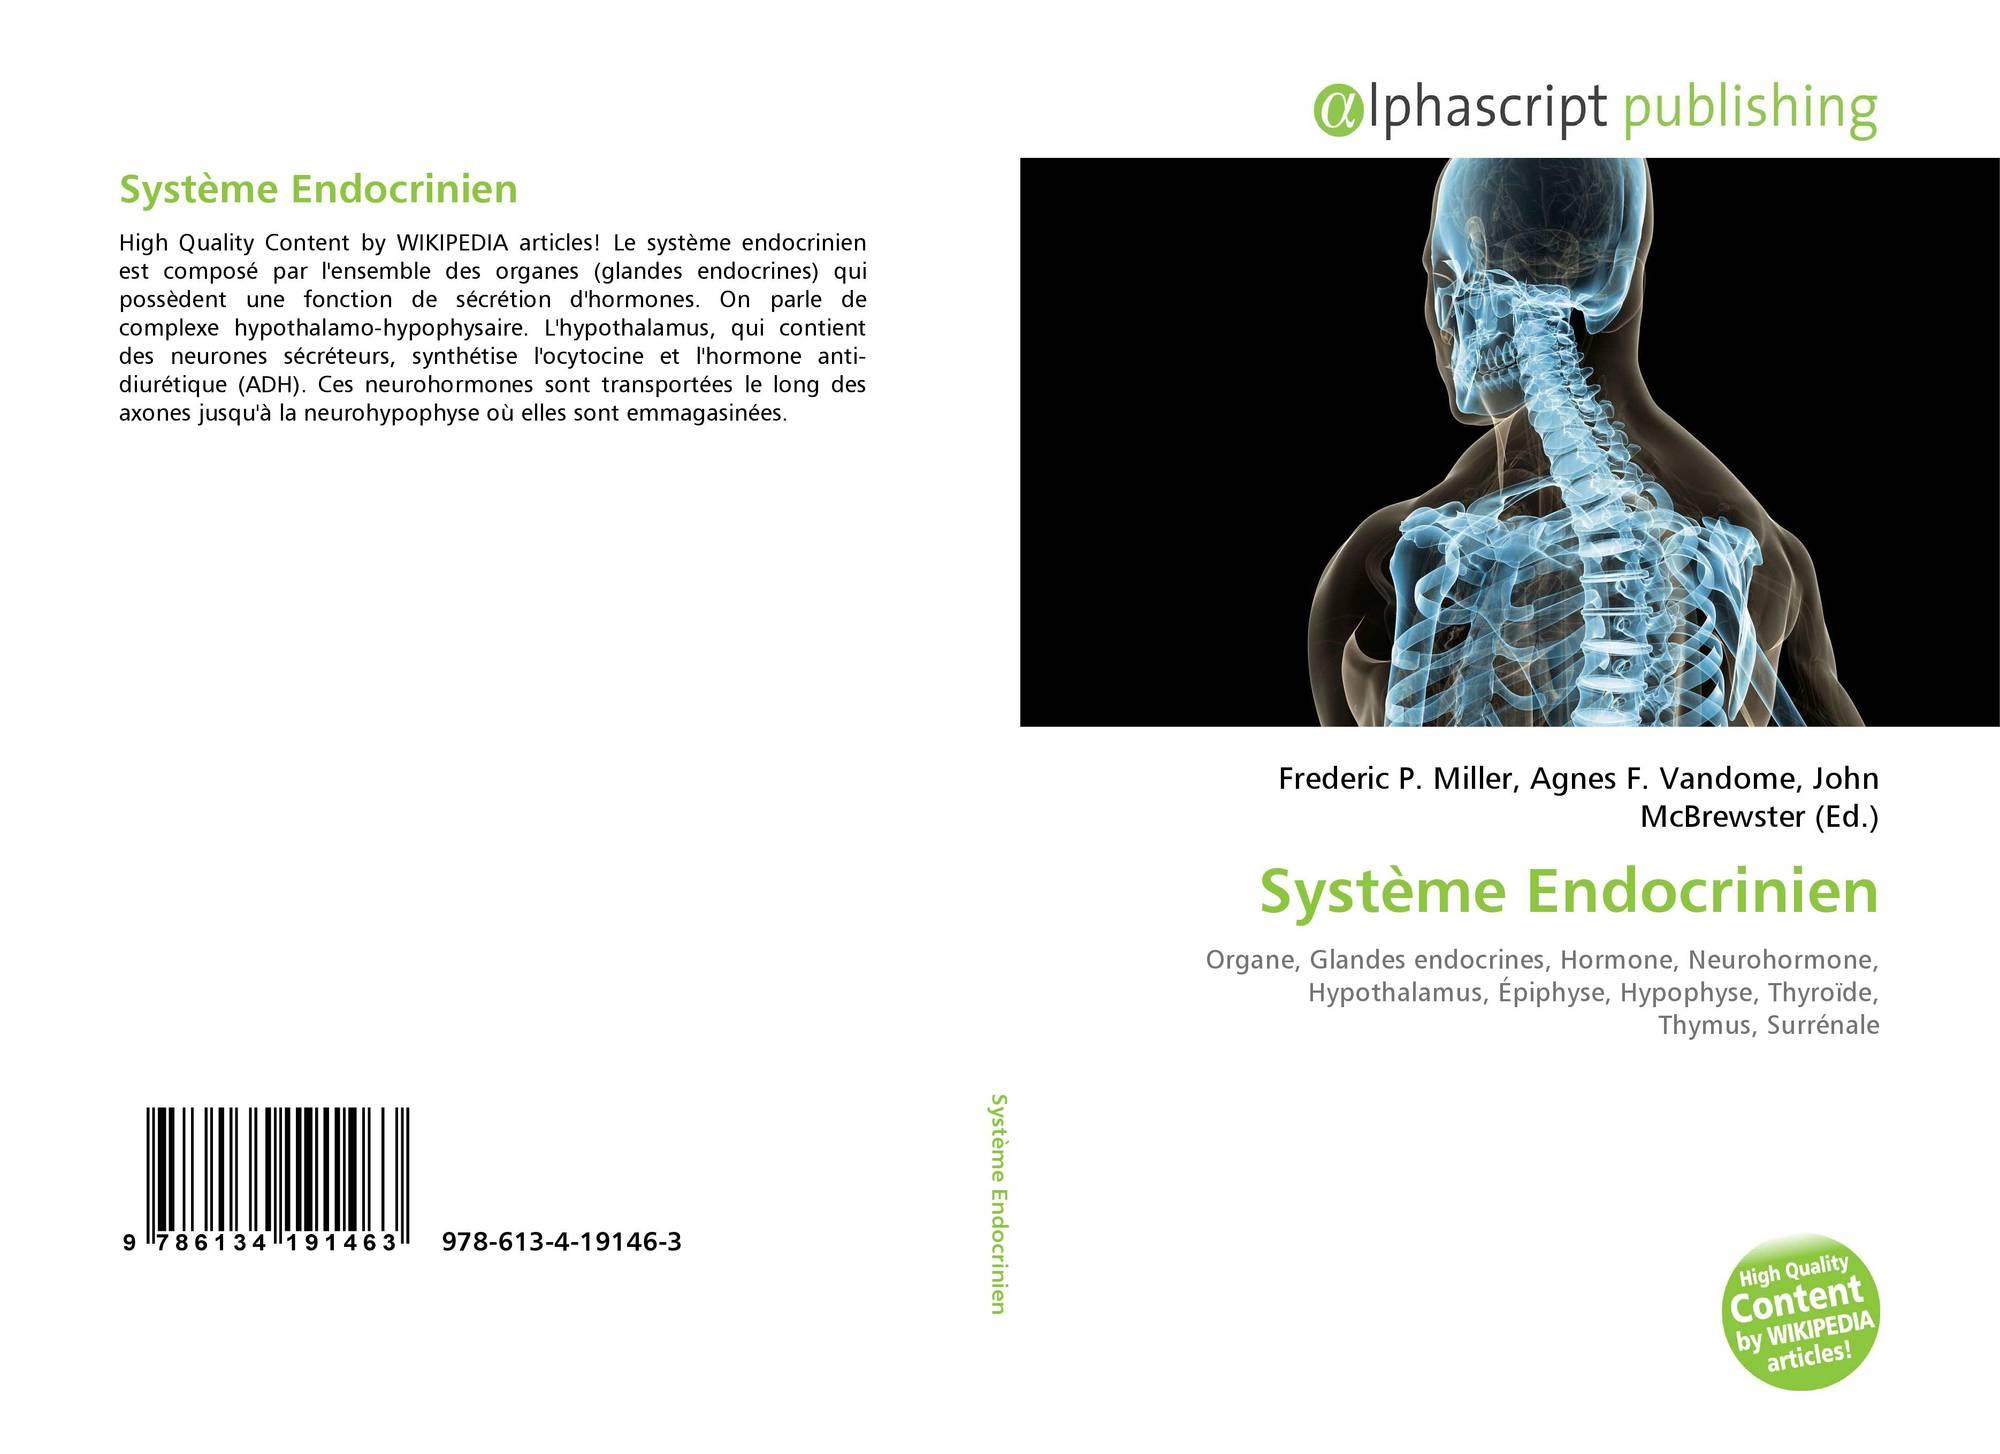 Système Endocrinien, 978-613-4-19146-3, 6134191469 ,9786134191463